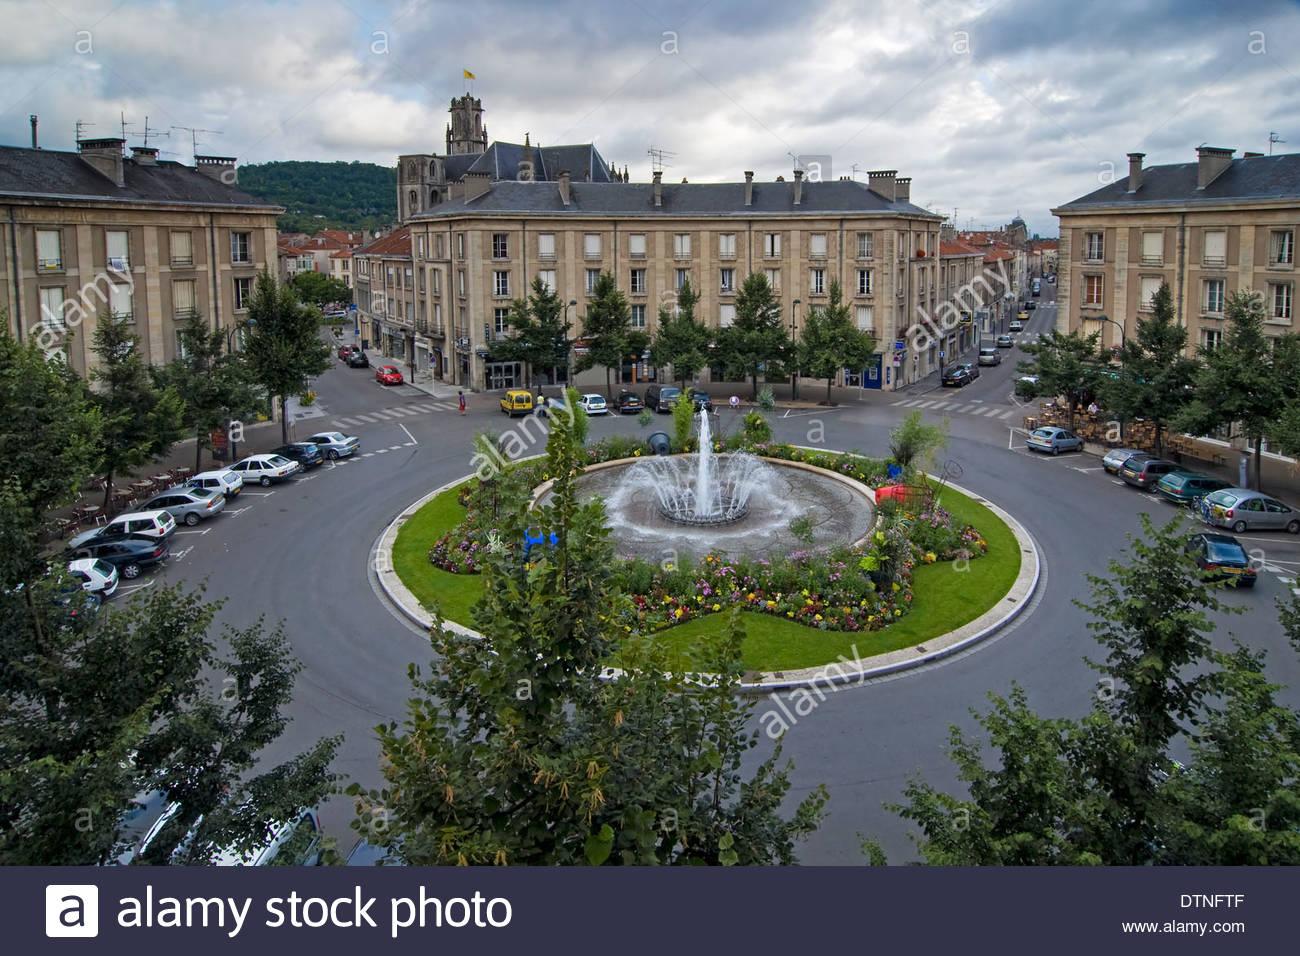 the roundabout place des 3 v ch s at toul meurthe et